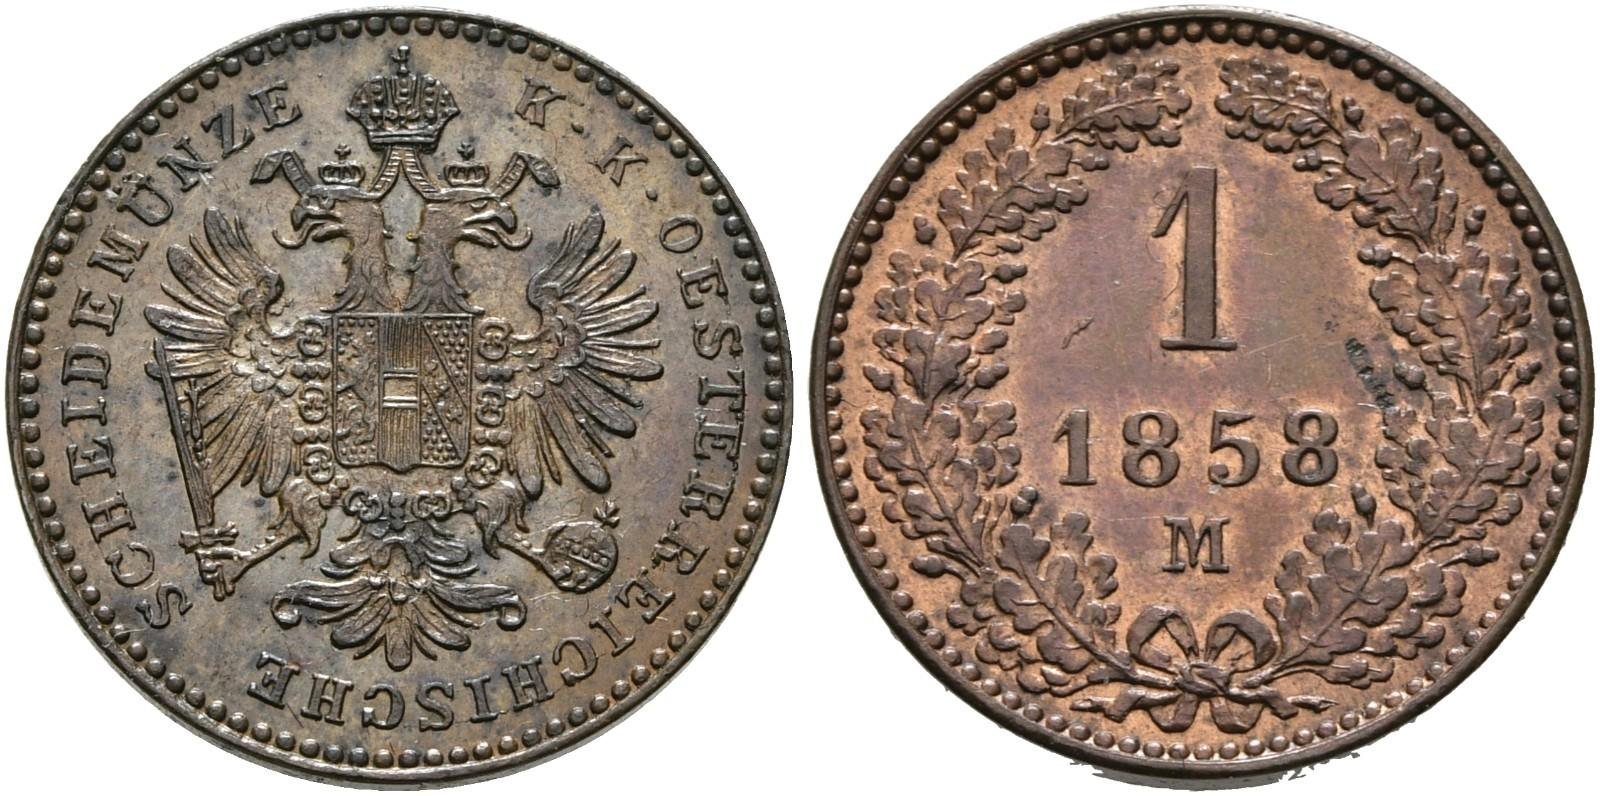 AT 1 Kreuzer 1858 M